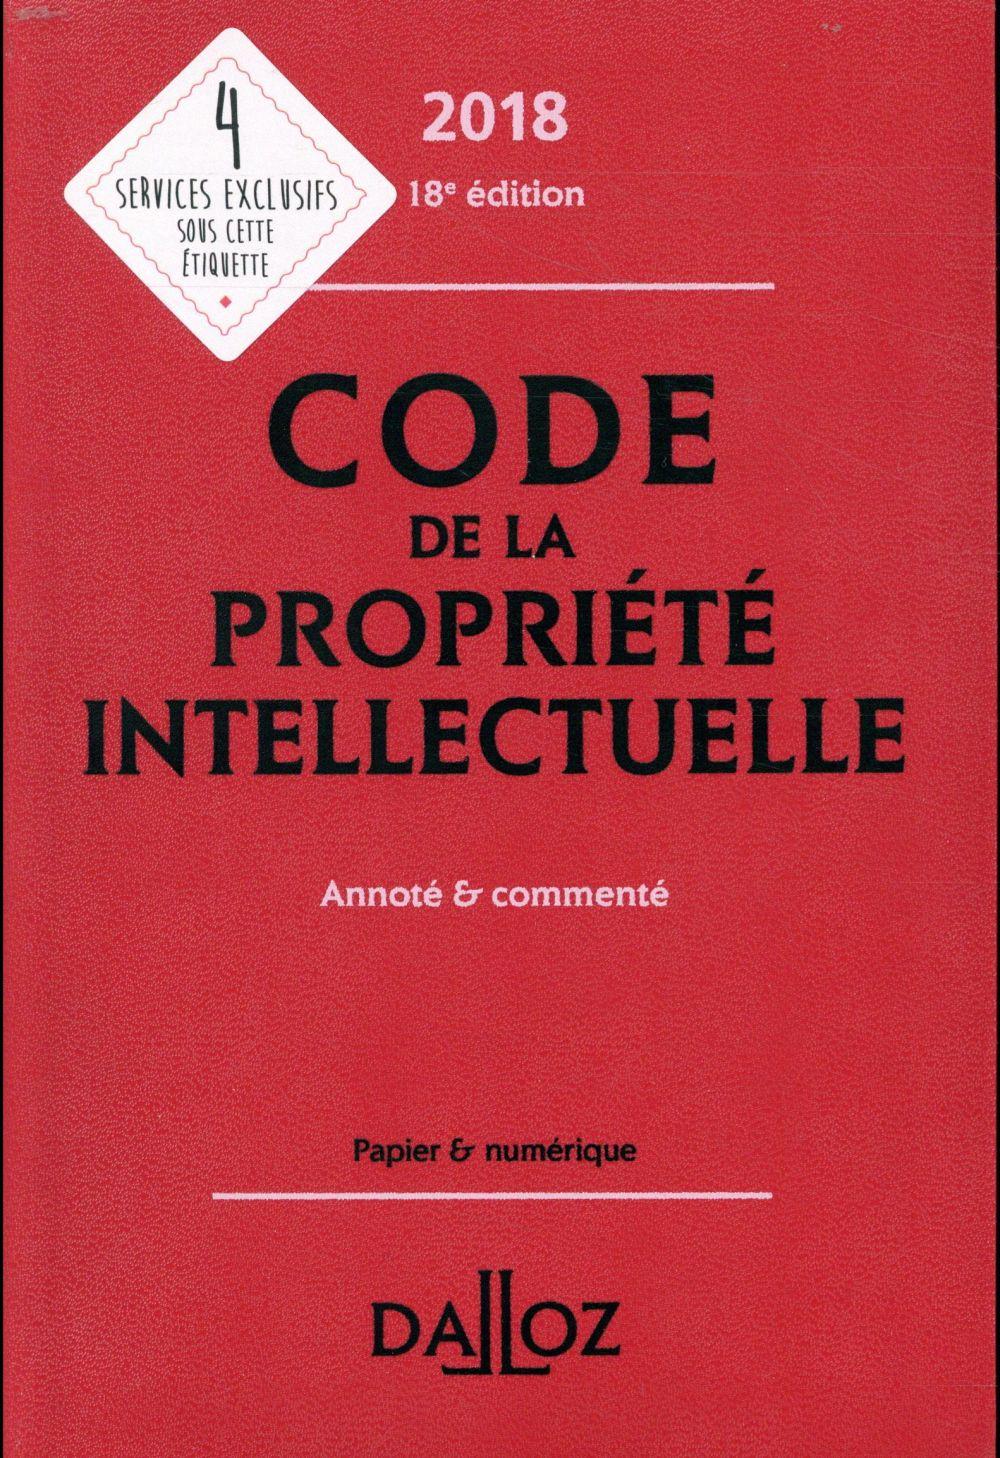 Code de la propriété intellectuelle commenté (édition 2018)